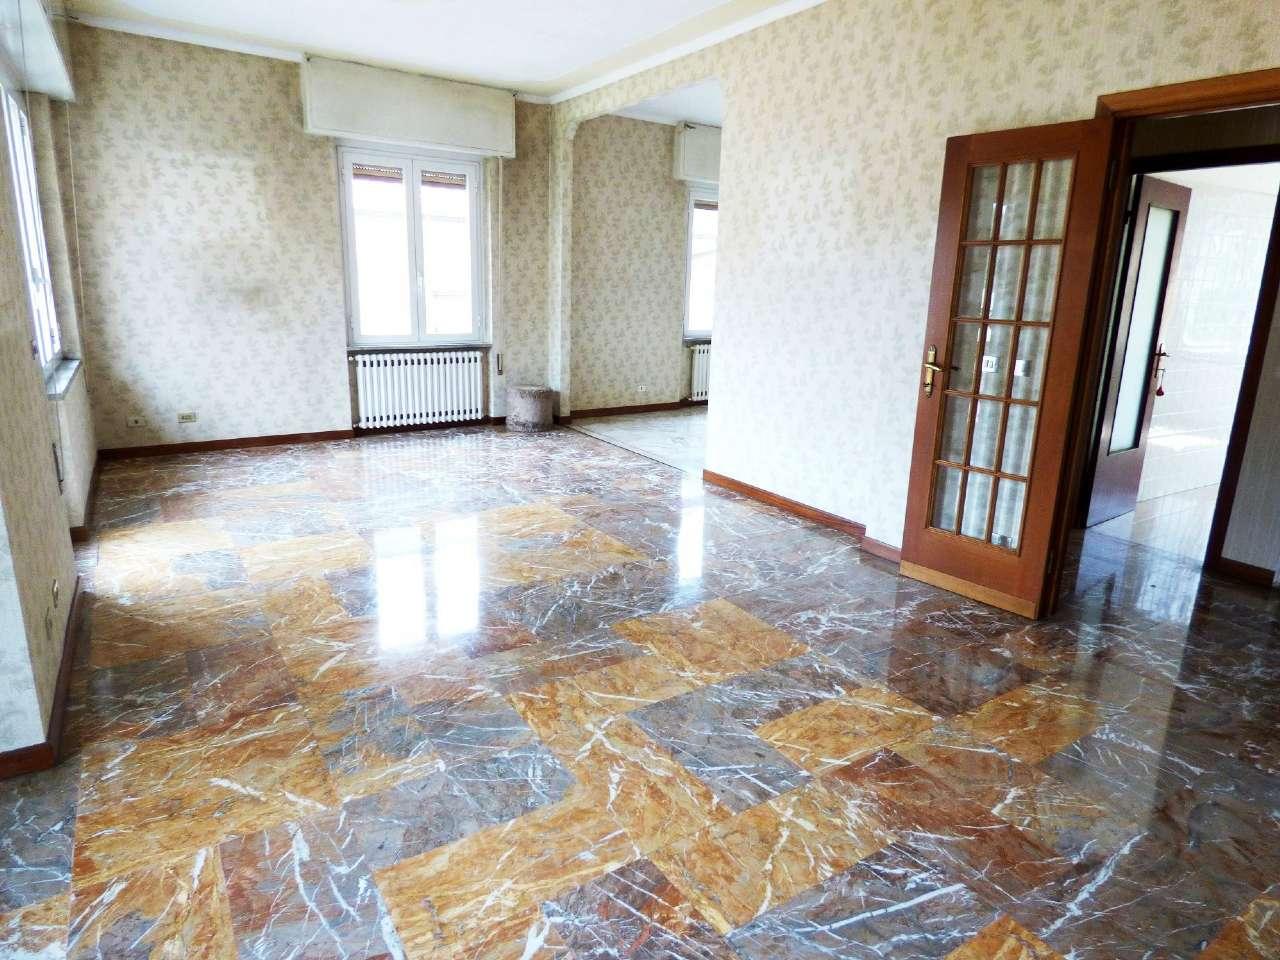 Appartamento in vendita a Moconesi, 7 locali, prezzo € 139.000 | PortaleAgenzieImmobiliari.it